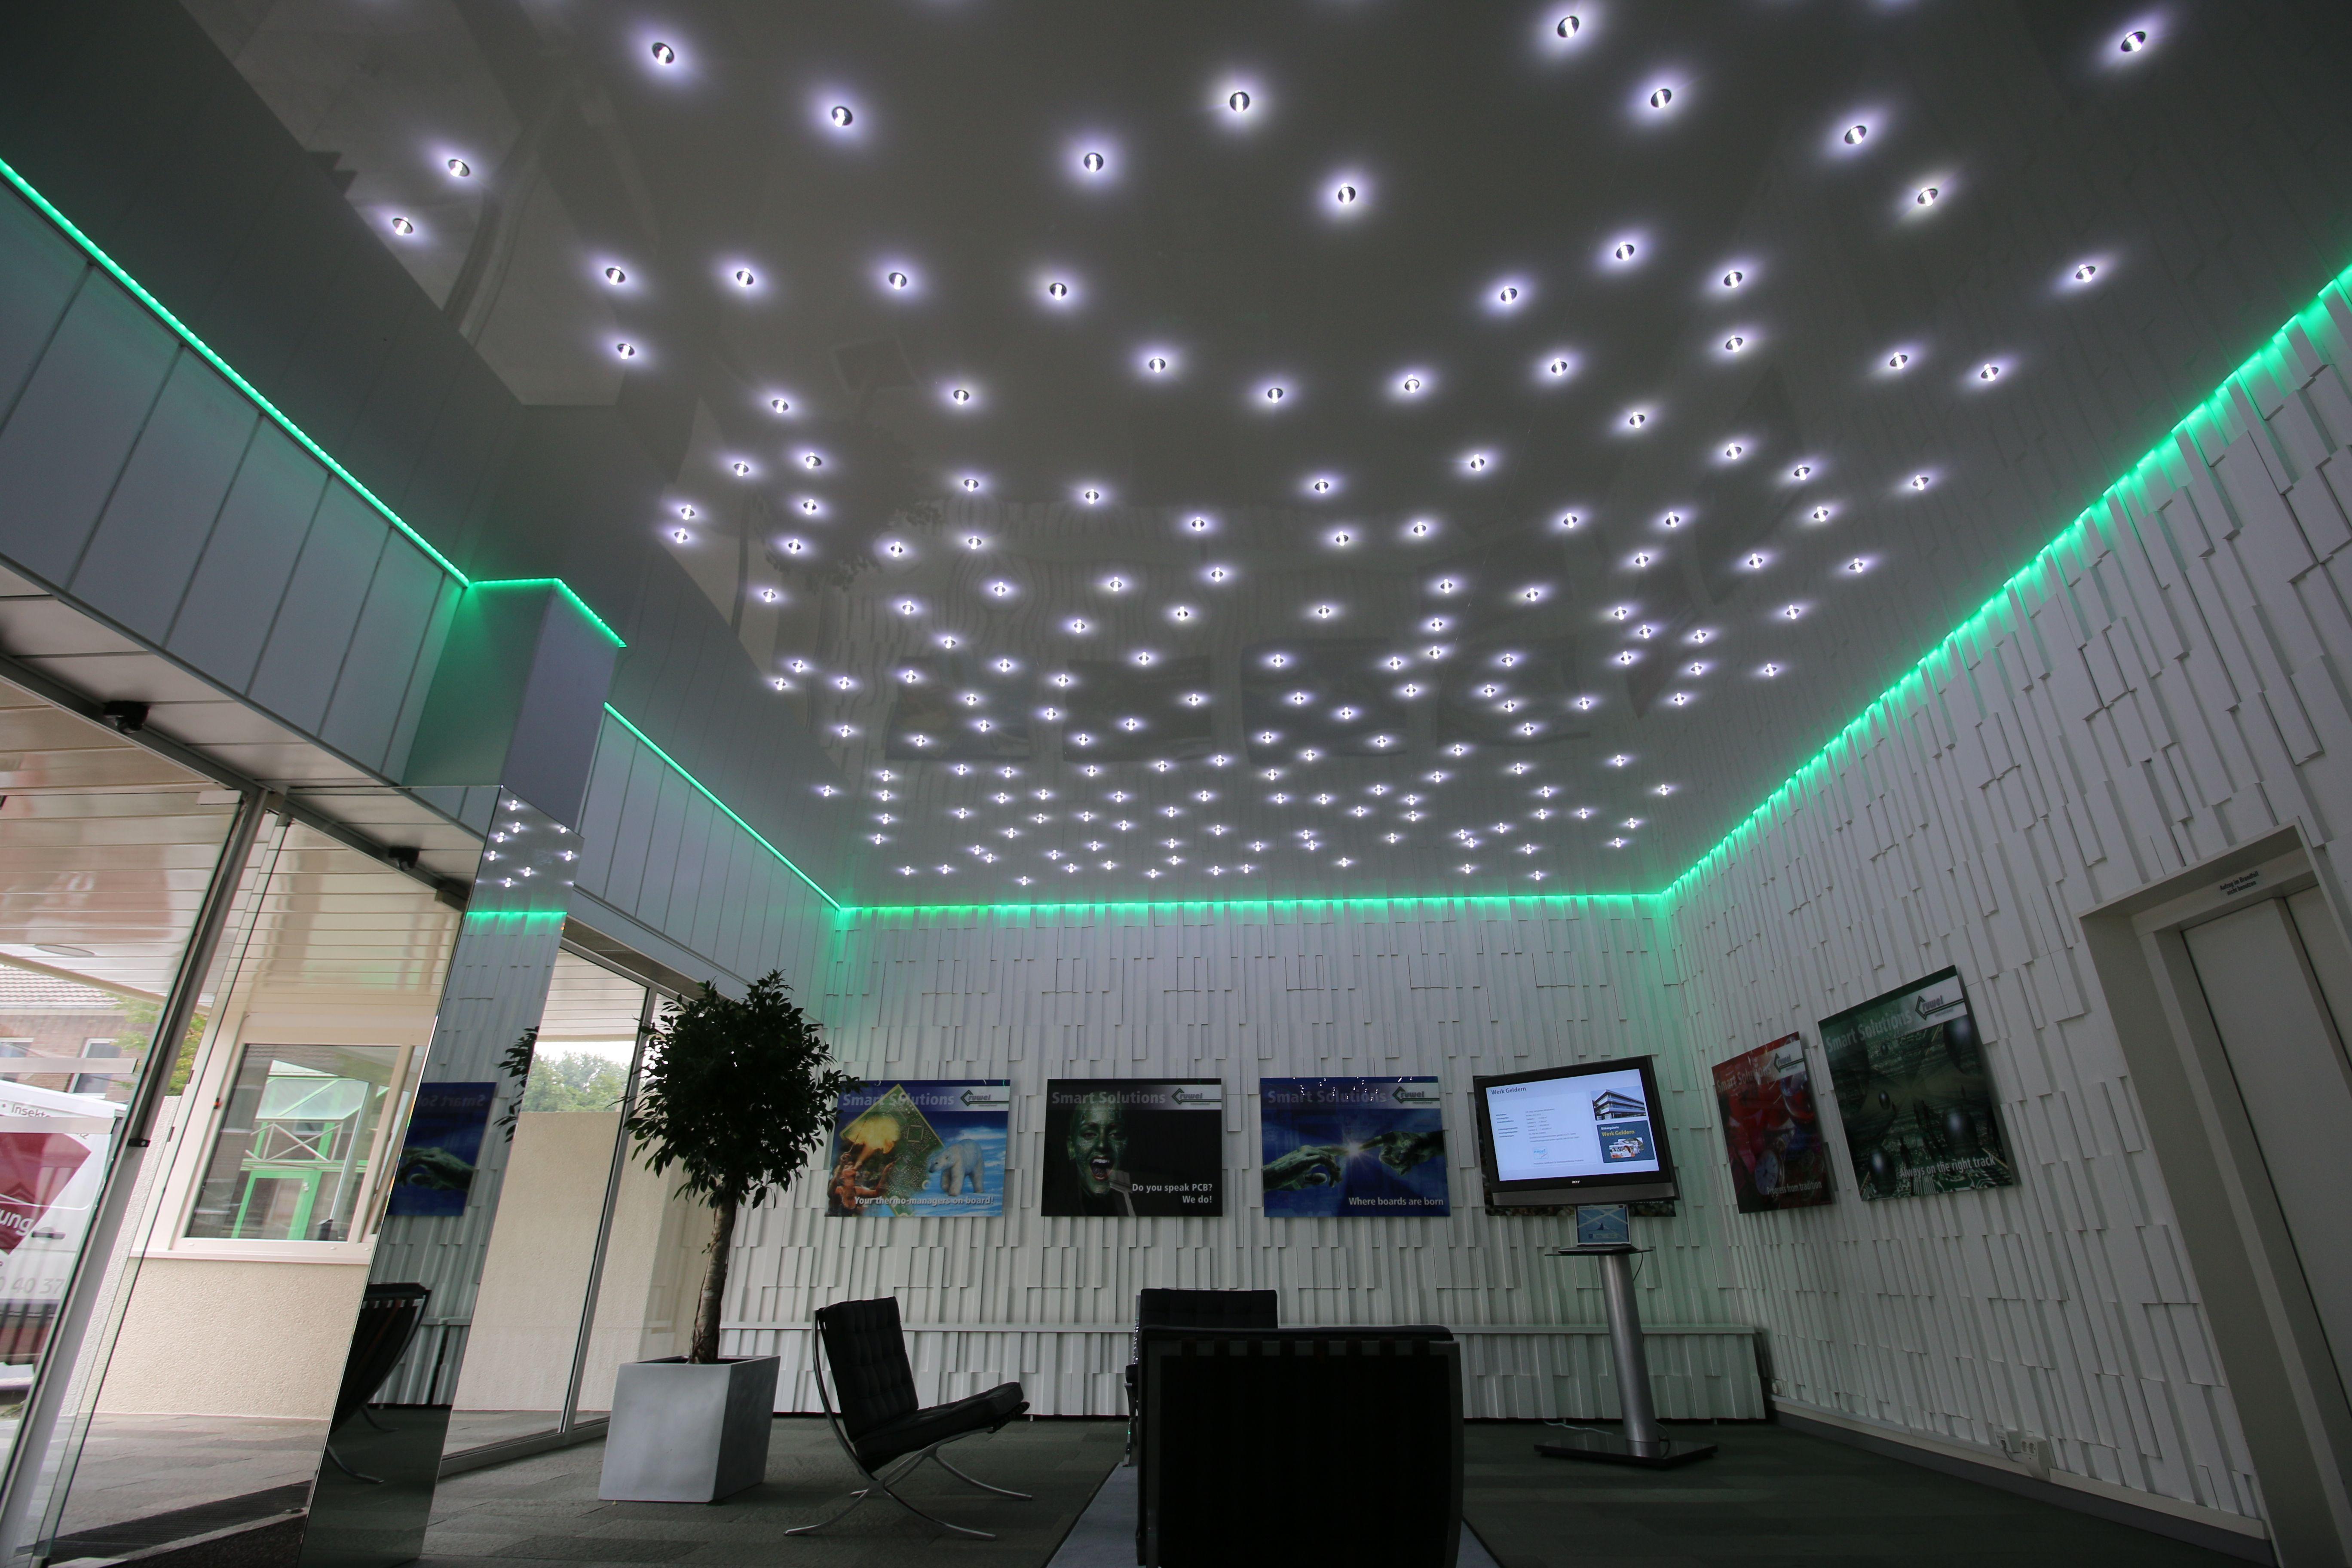 Spanndecke Im Eingangsbereich Mit Umlaufender Led Beleuchtung Und Sternenhimmel Spanndecken Beleuchtung Led Beleuchtung